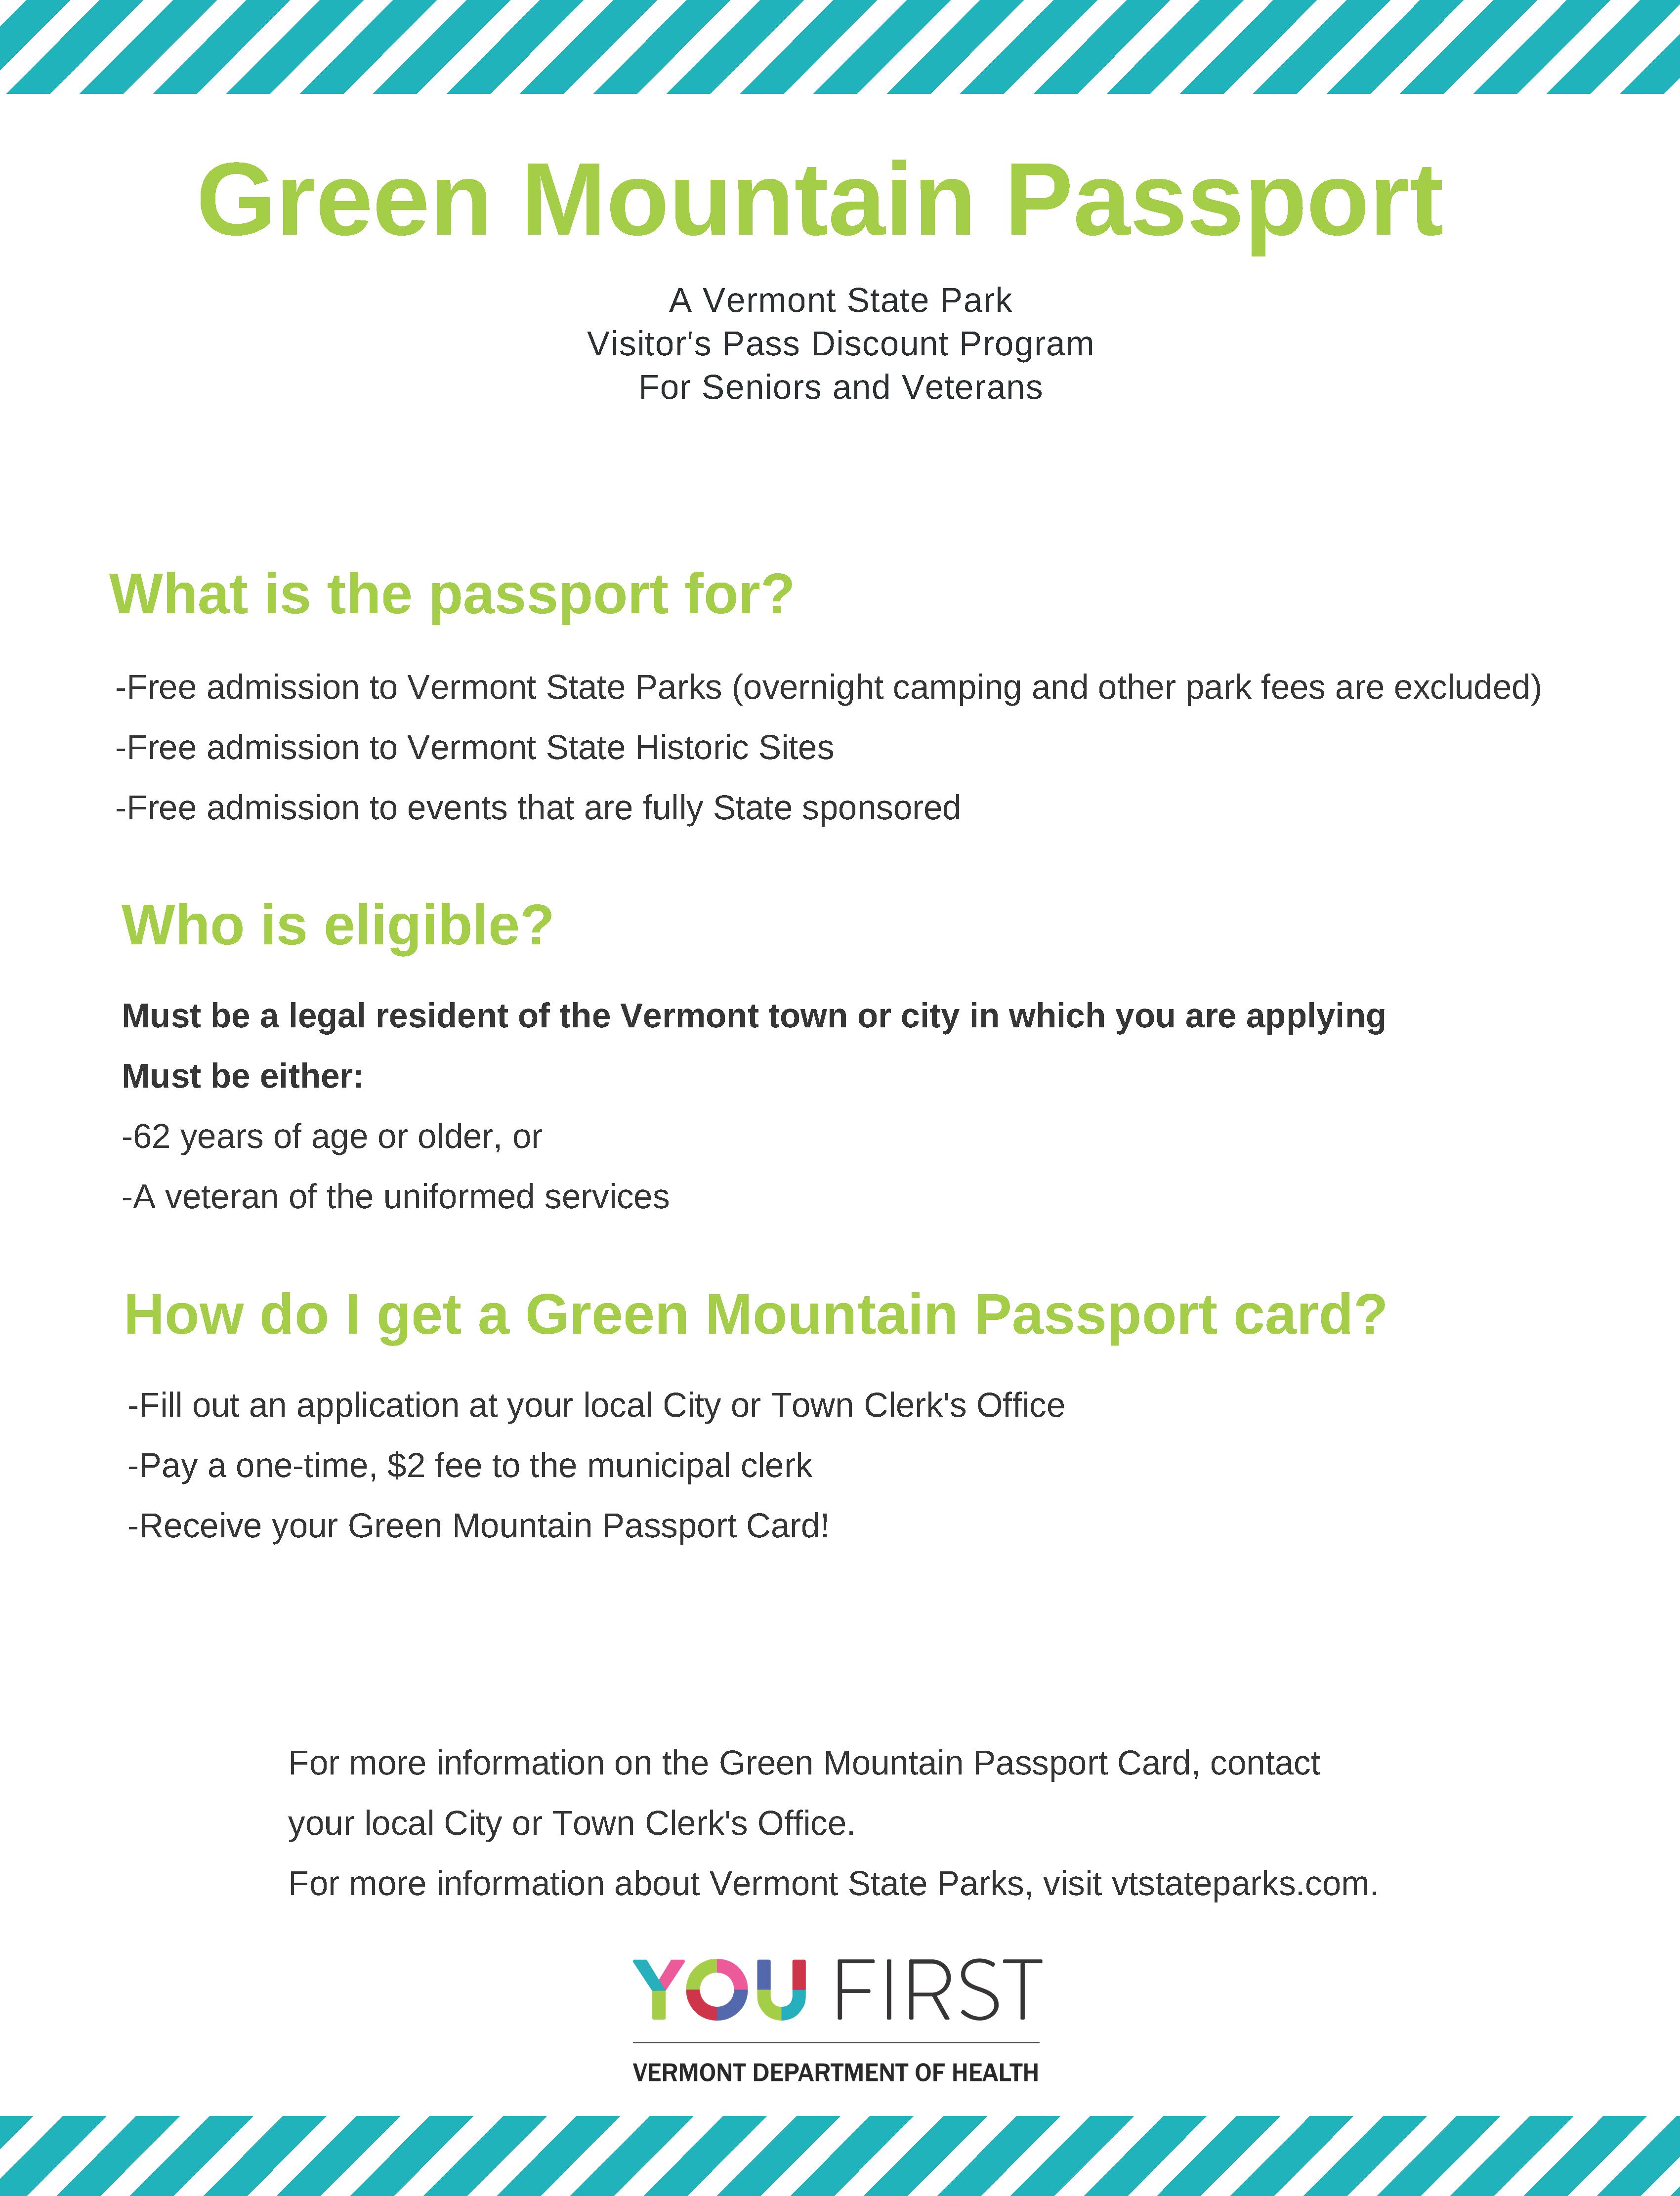 Green Mountain Passport Handout